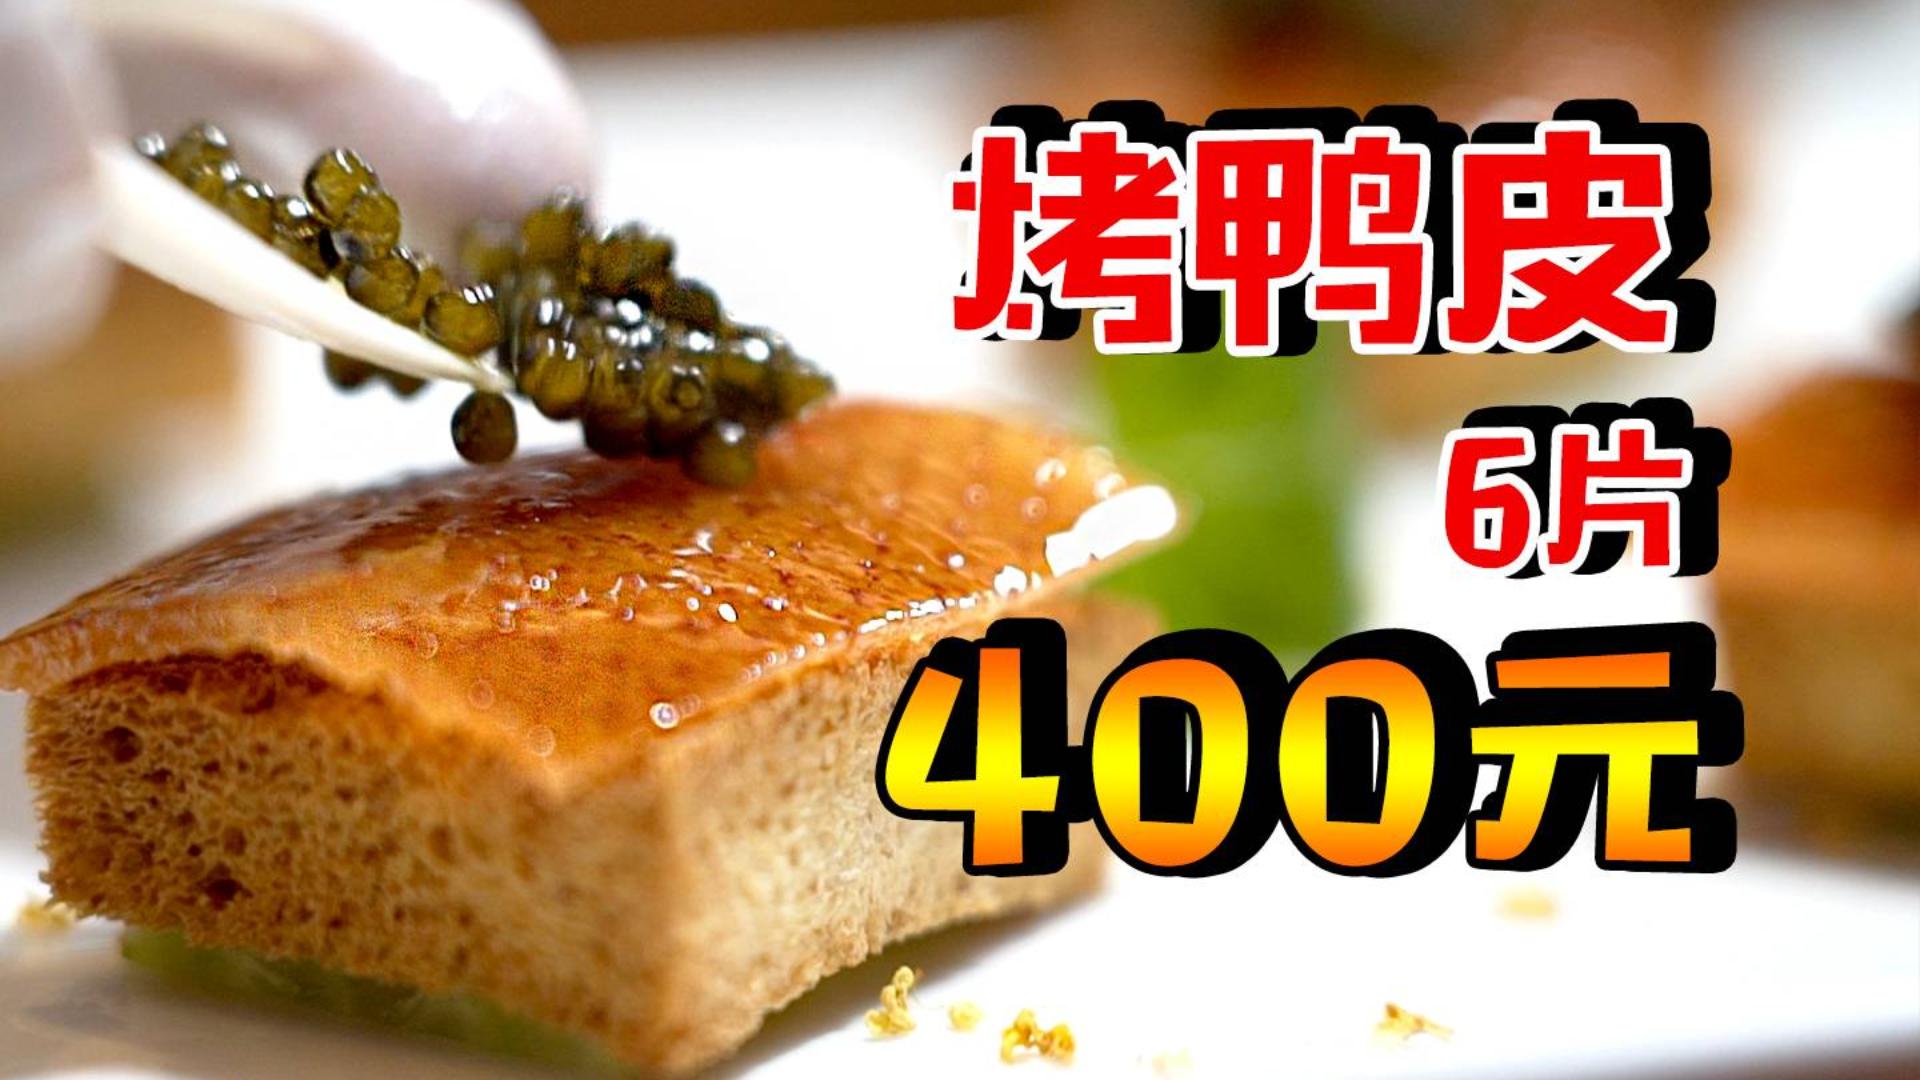 在上海,光一份烤鸭皮就要400块的江景餐厅是什么样?吃了一口,乐了~~